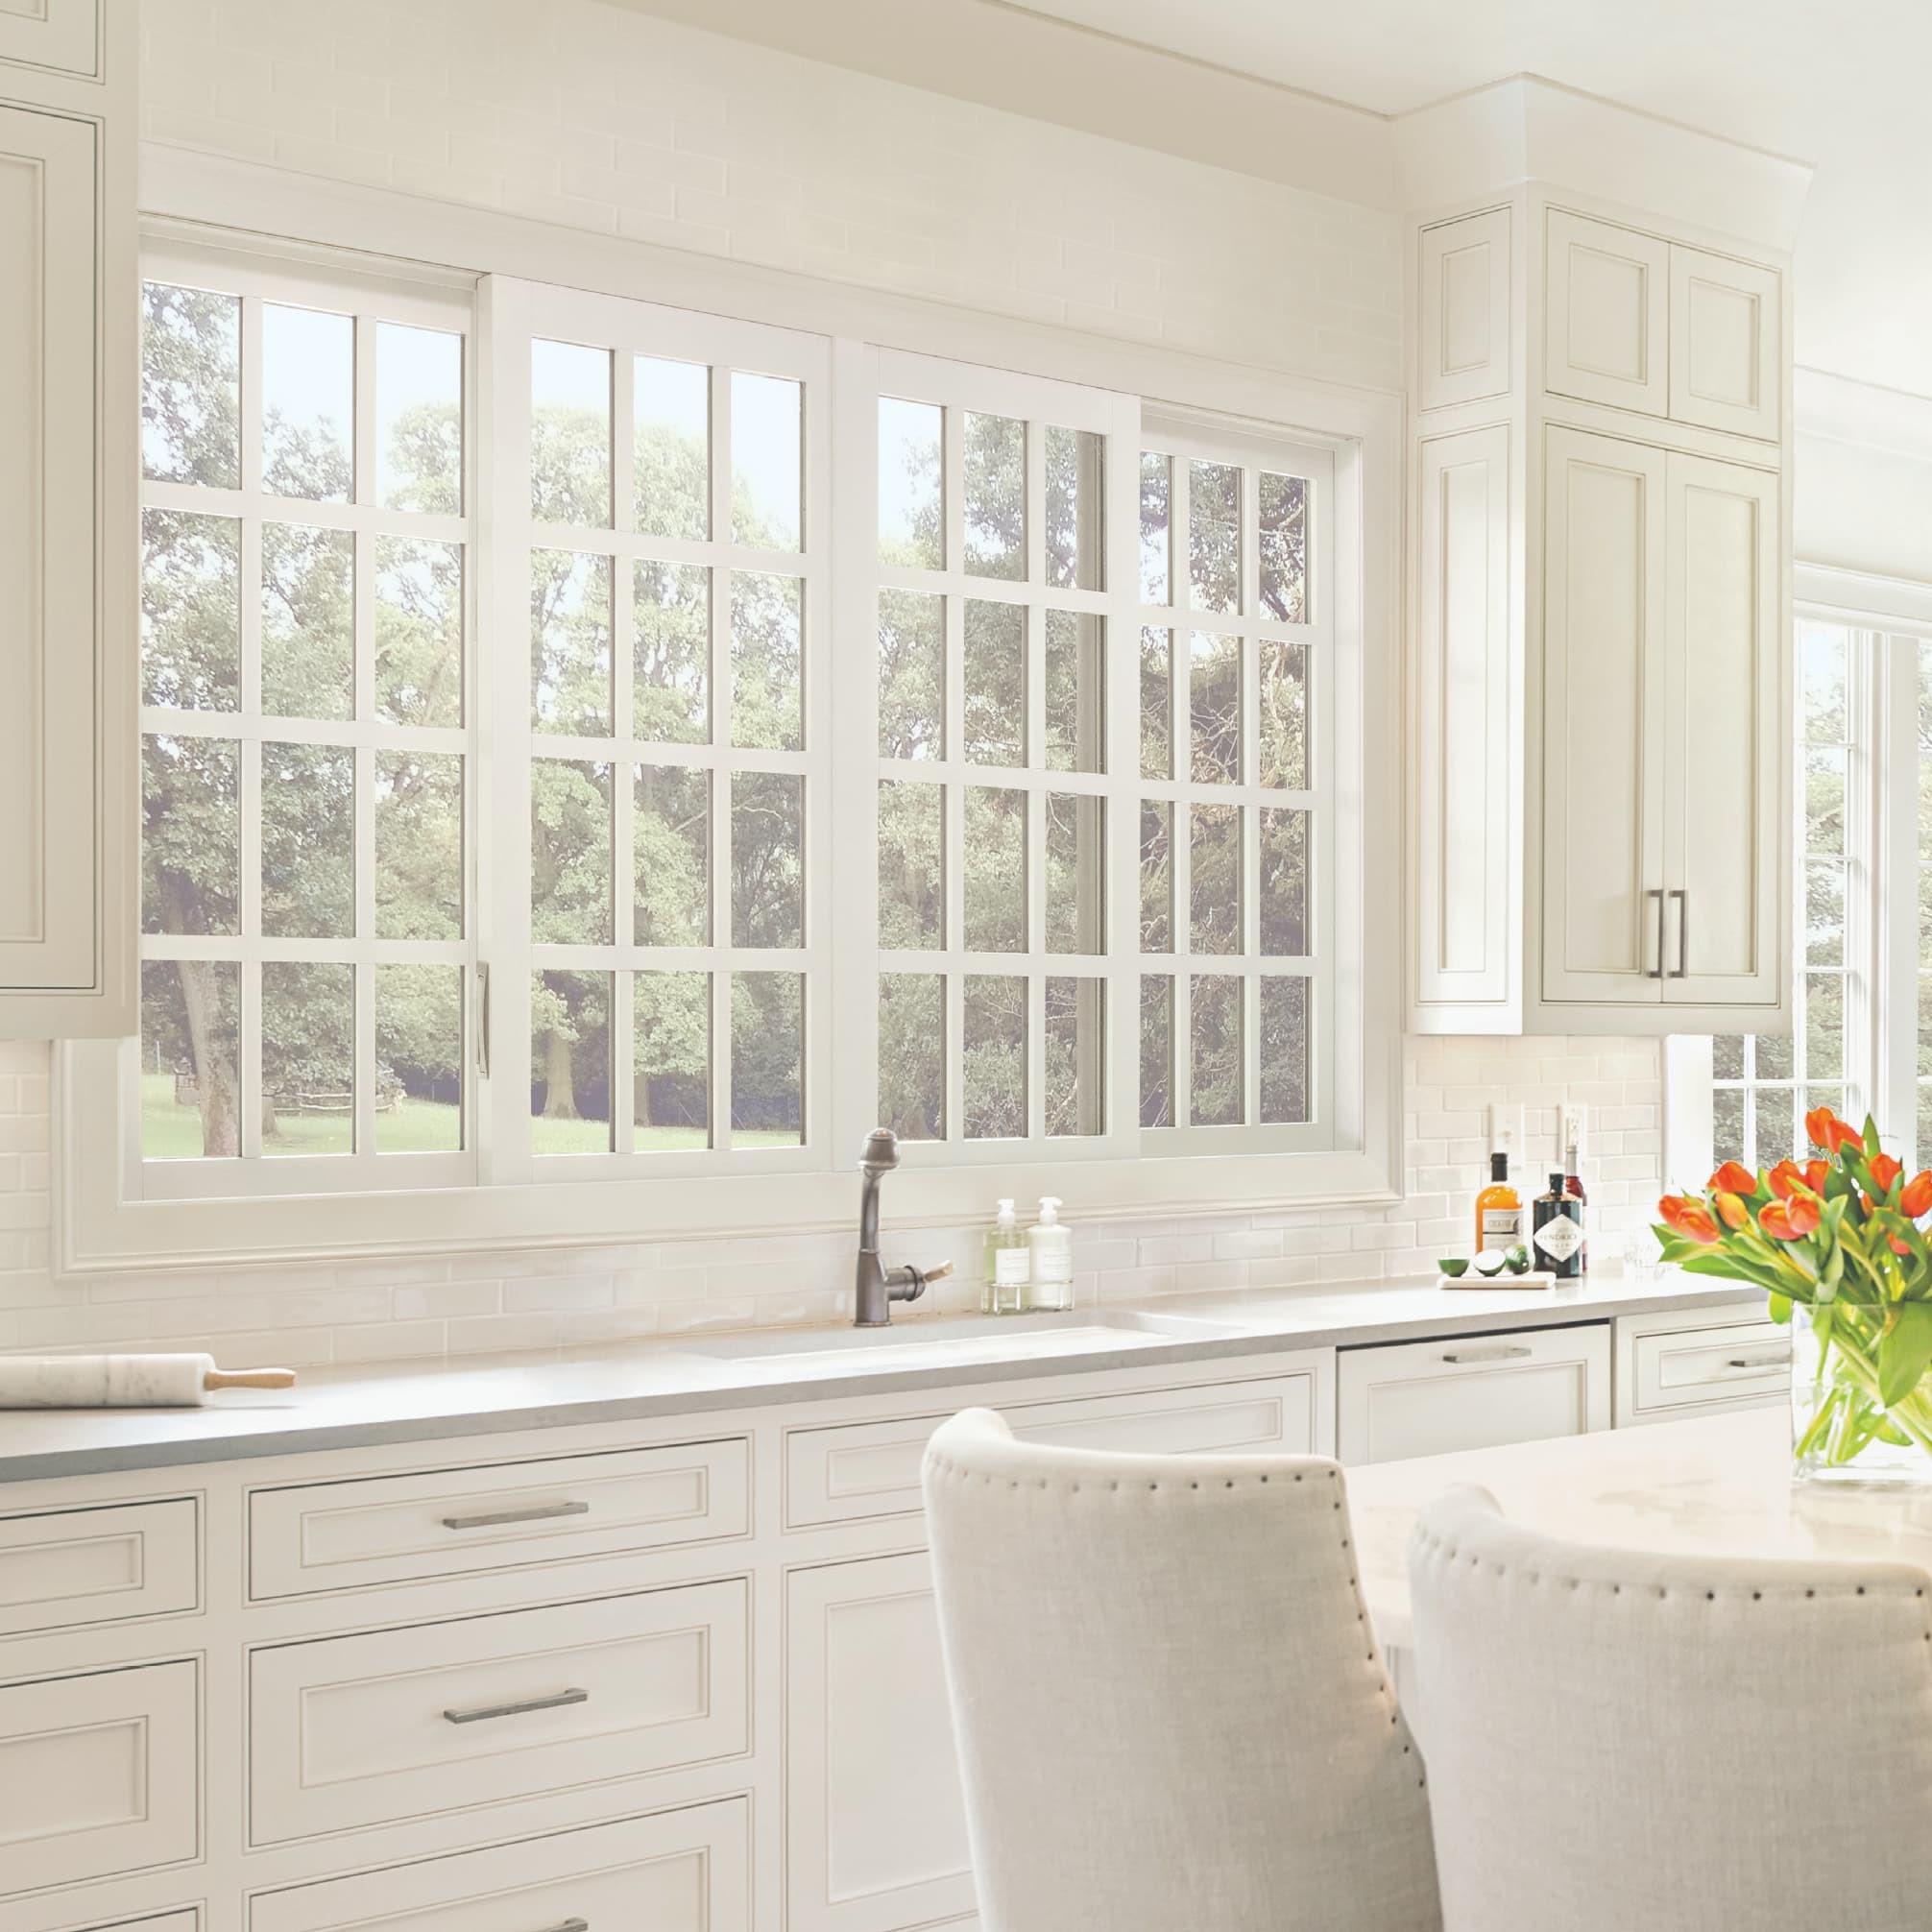 White glider/sliding window in kitchen